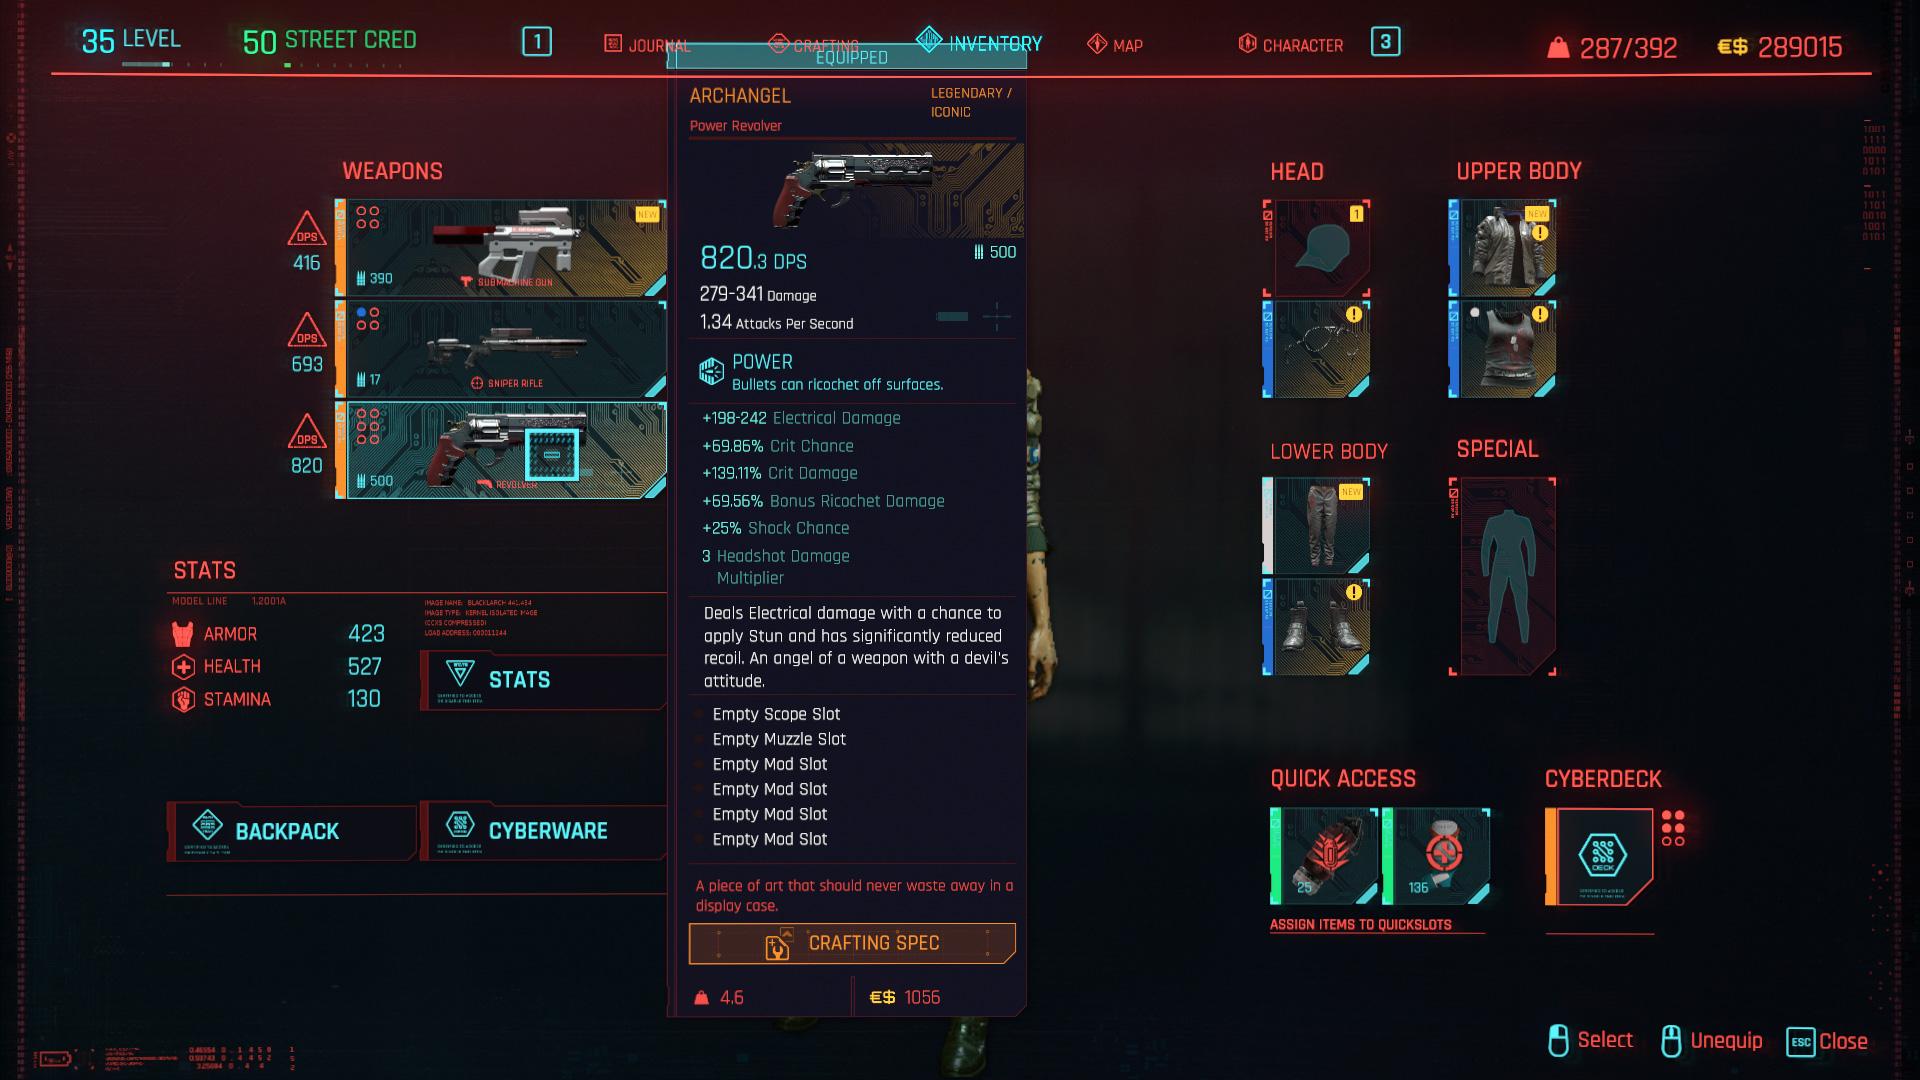 Meilleurs pistolets dans Cyberpunk 2077 et comment les obtenir Archange